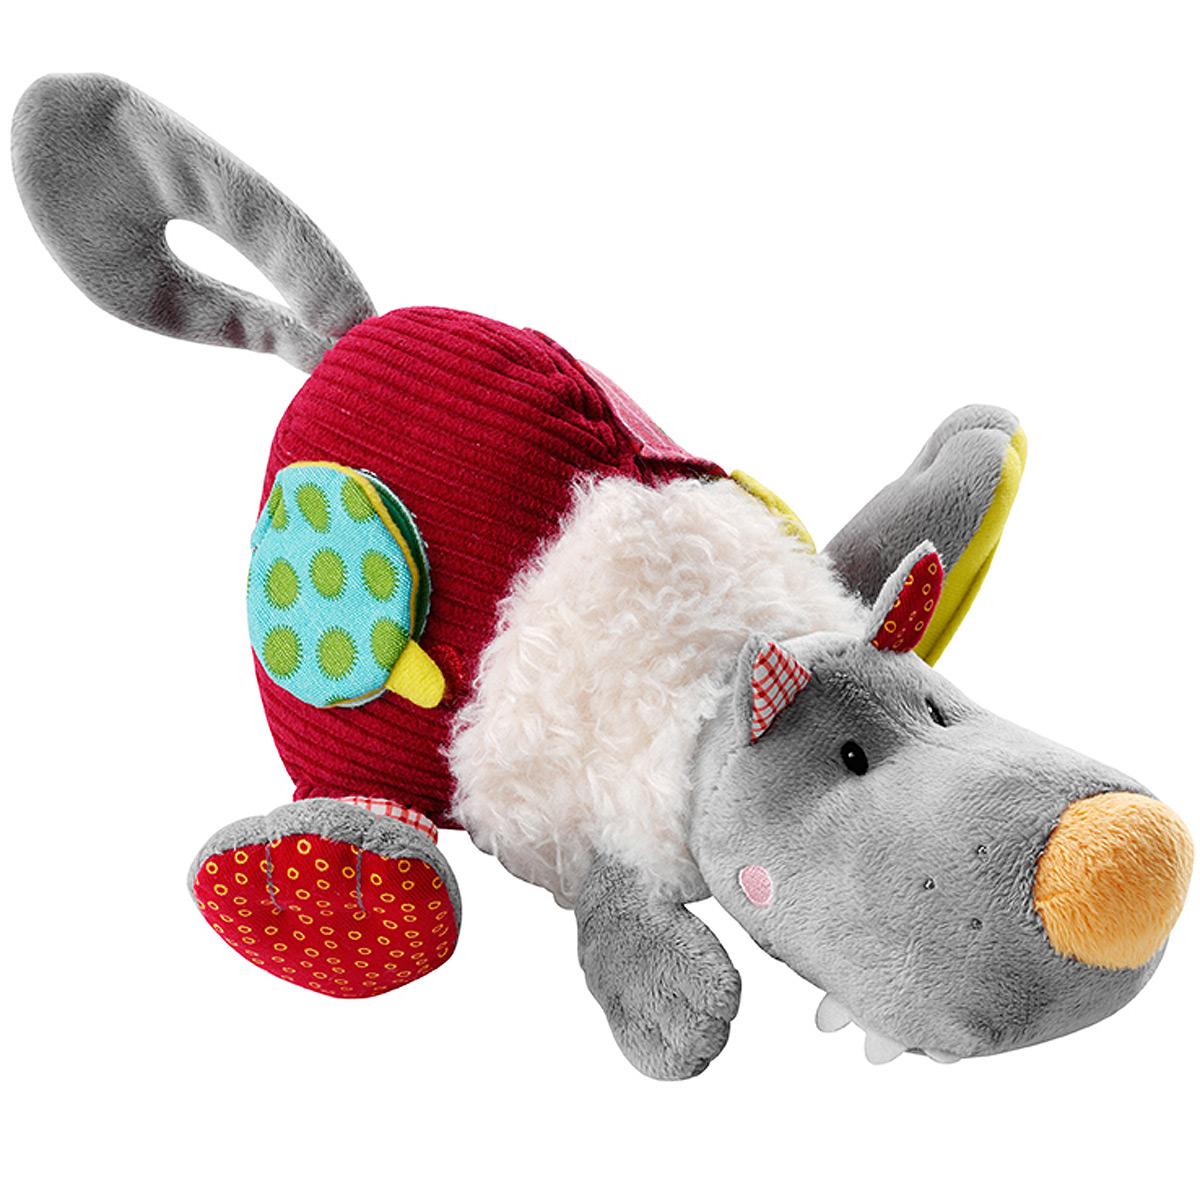 """Развивающая игрушка Lilliputiens """"Волк Николас"""", выполненная из хлопка разных цветов и фактур, представляет собой симпатичного волка. Его мордашка вышита нитками, в головке спрятана пищалка, а в тельце - погремушка, мелодично звенящая каждый раз, когда малыш трясет игрушку. На задней лапке волка расположено безопасное зеркальце, в другой задней лапке и в хвостике спрятаны шуршащие элементы. На тельце игрушки находятся небольшой кармашек, а также элемент в виде странички на липучке, скрывающий изображение Красной Шапочки и козленка. С помощью петельки на липучке игрушку можно прикрепить к коляске, кроватке, автокреслу или игровой дуге ребенка. Также к петельке можно подвесить пустышку. Игрушка Lilliputiens """"Волк Николас"""" поможет малышу развить тактильное, звуковое и цветовое восприятия, координацию движений и мелкую моторику рук с самого рождения."""